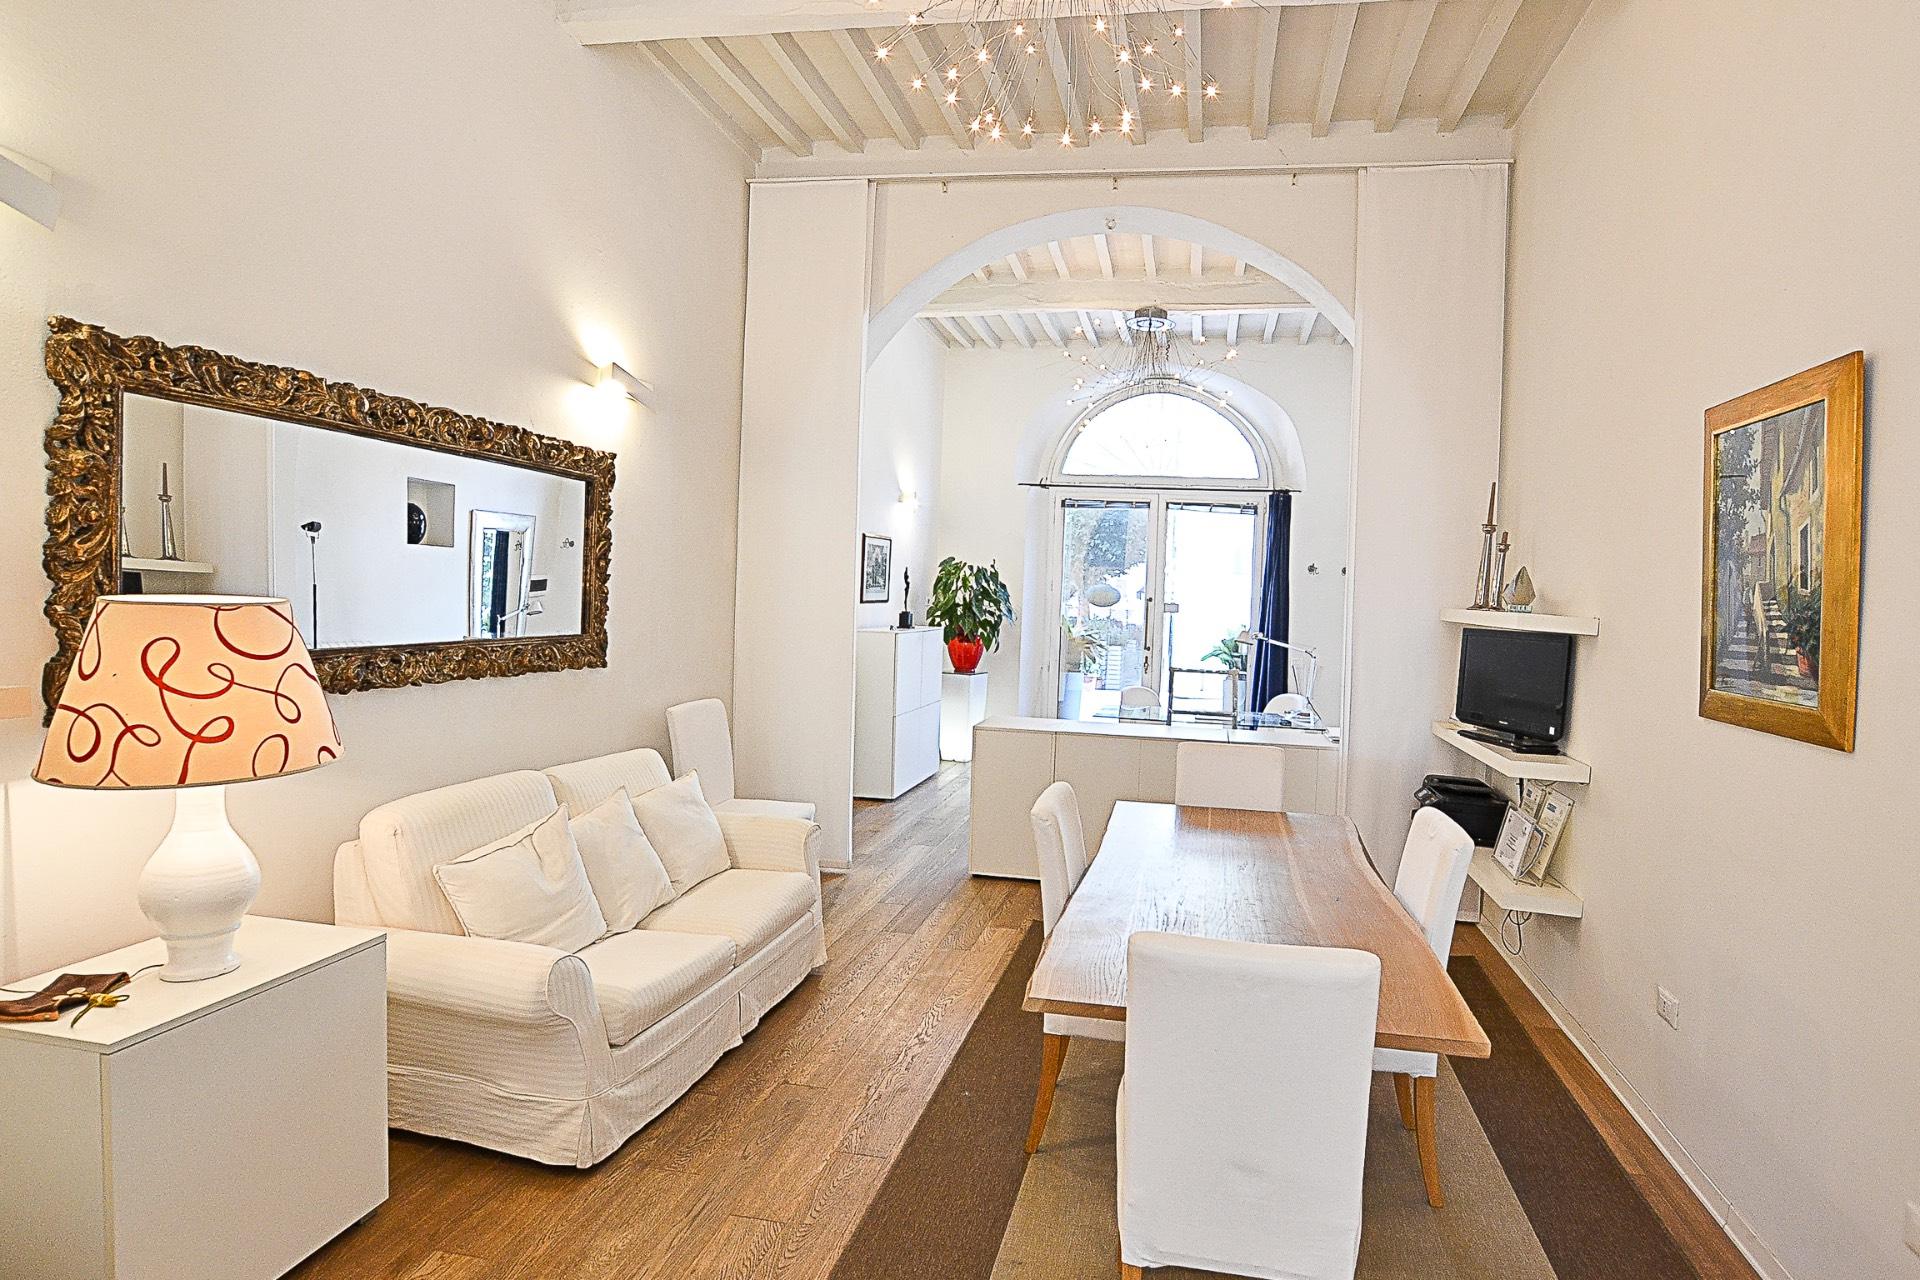 Appartamento in vendita a Seravezza, 5 locali, prezzo € 220.000 | CambioCasa.it